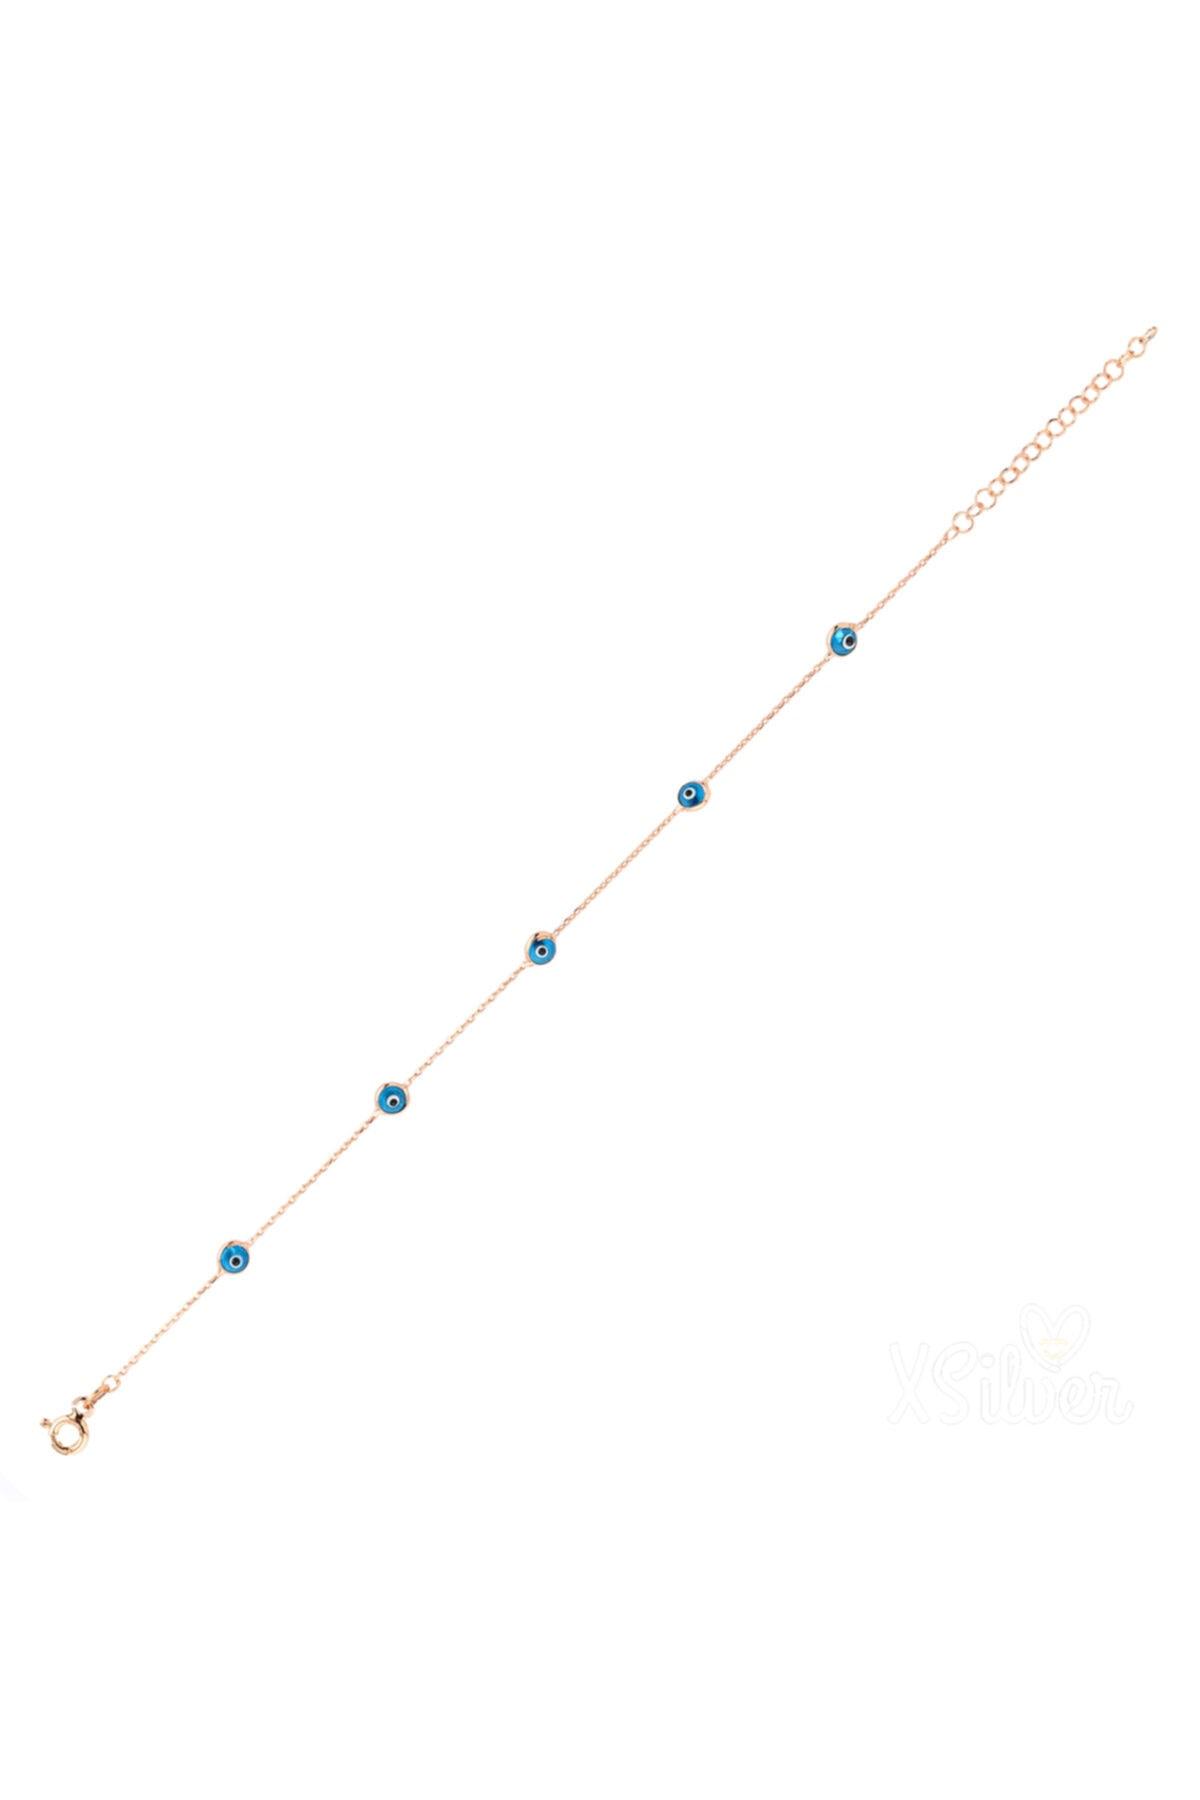 XSilver Kadın Nazar Boncuğu Sıra Taşlı Rose (Pembe) Rengi Gümüş Bileklik 1